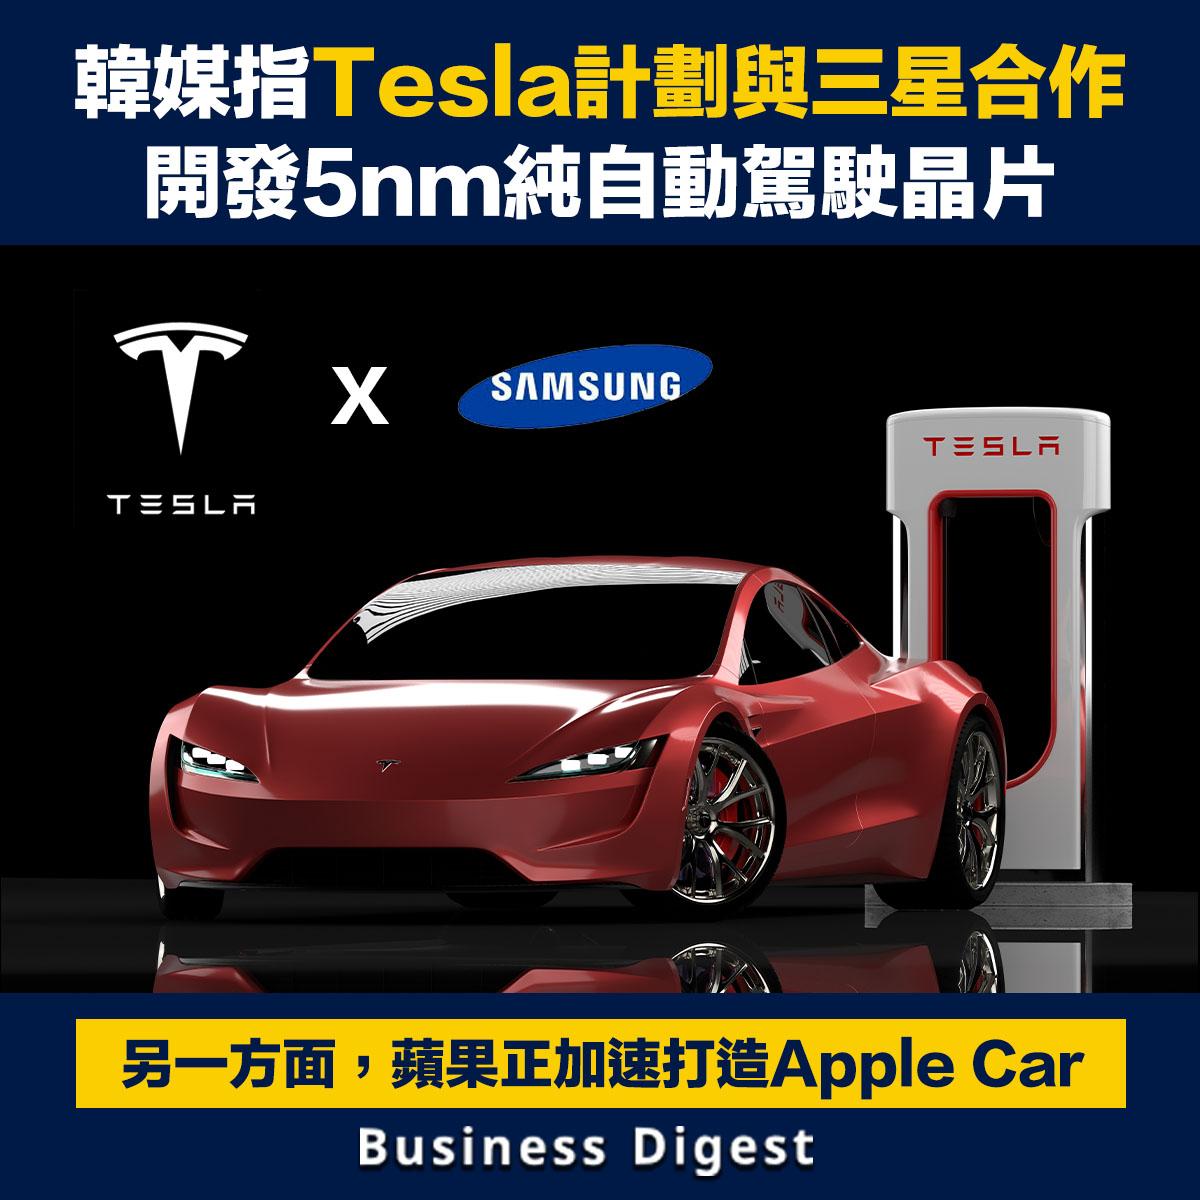 韓媒指Tesla計劃與三星合作,開發5nm純自動駕駛晶片